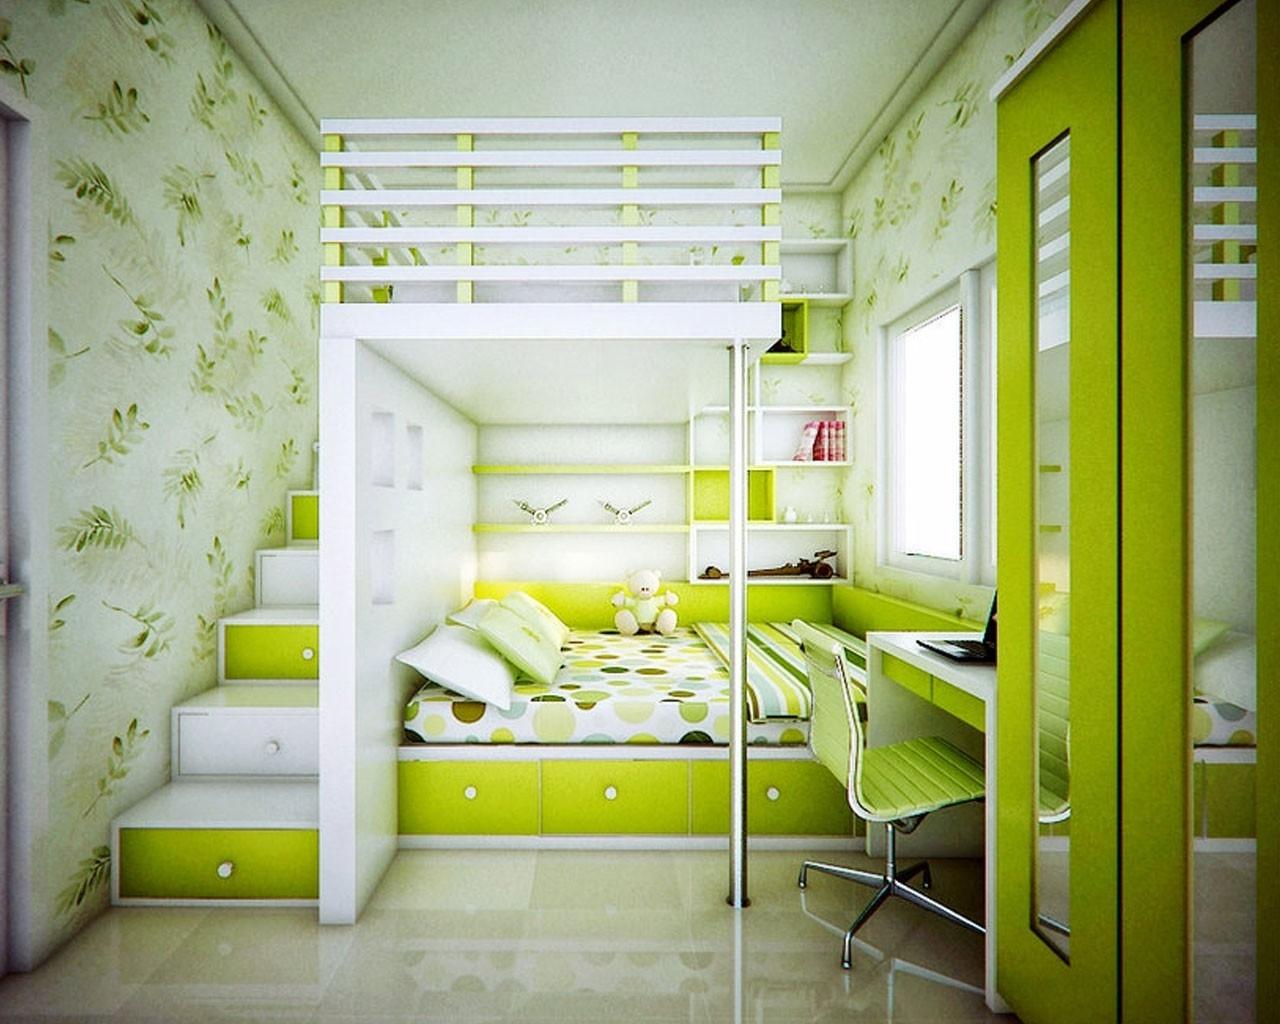 детская и спальня в одной комнате идеи фото